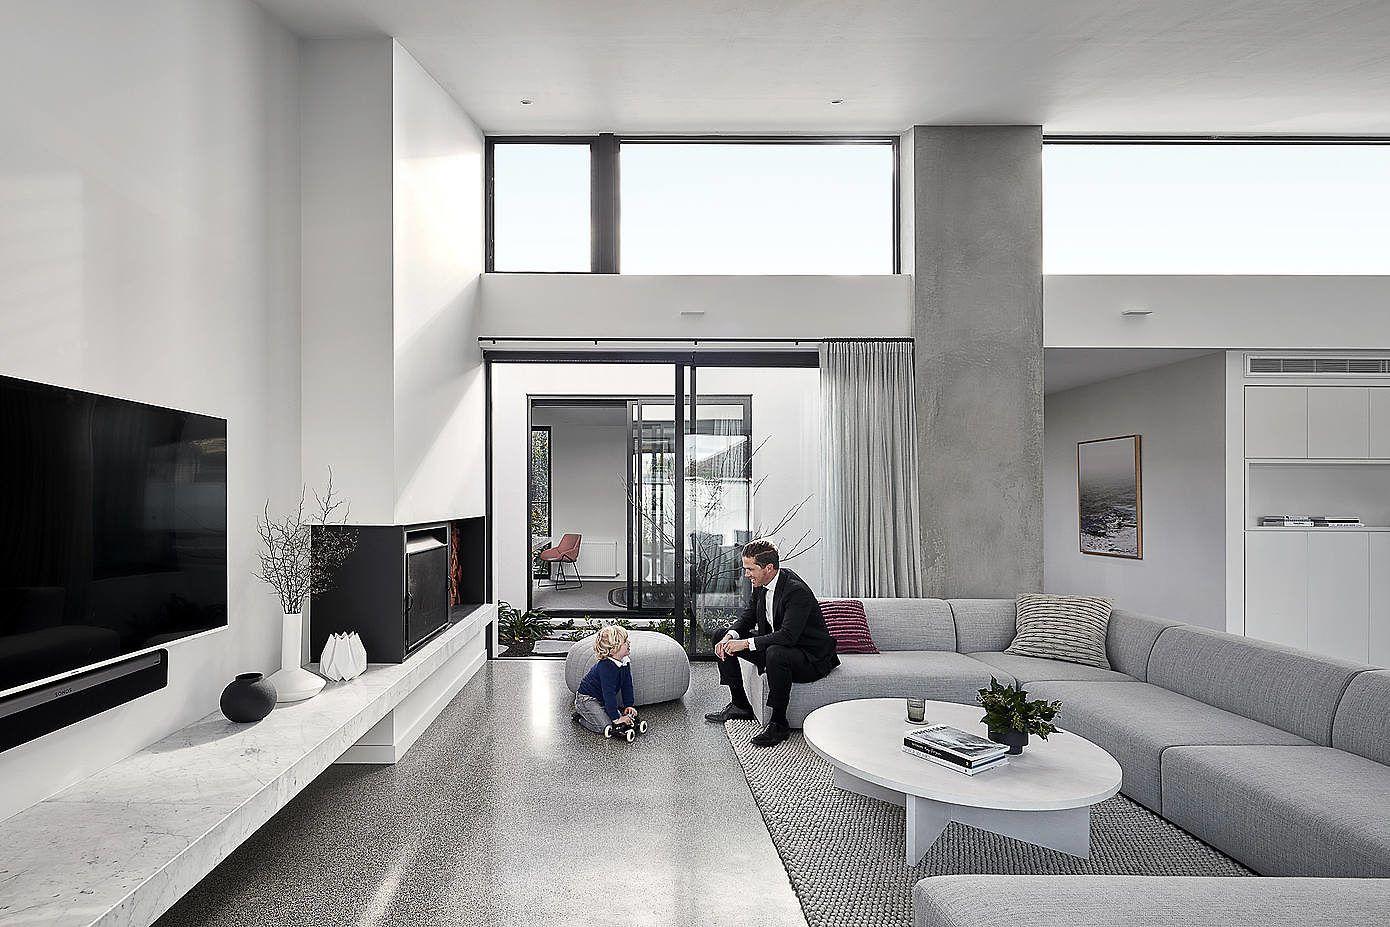 墨尔本 极简·黑白灰 family house设计欣赏|Tom Robertson Architects - 1